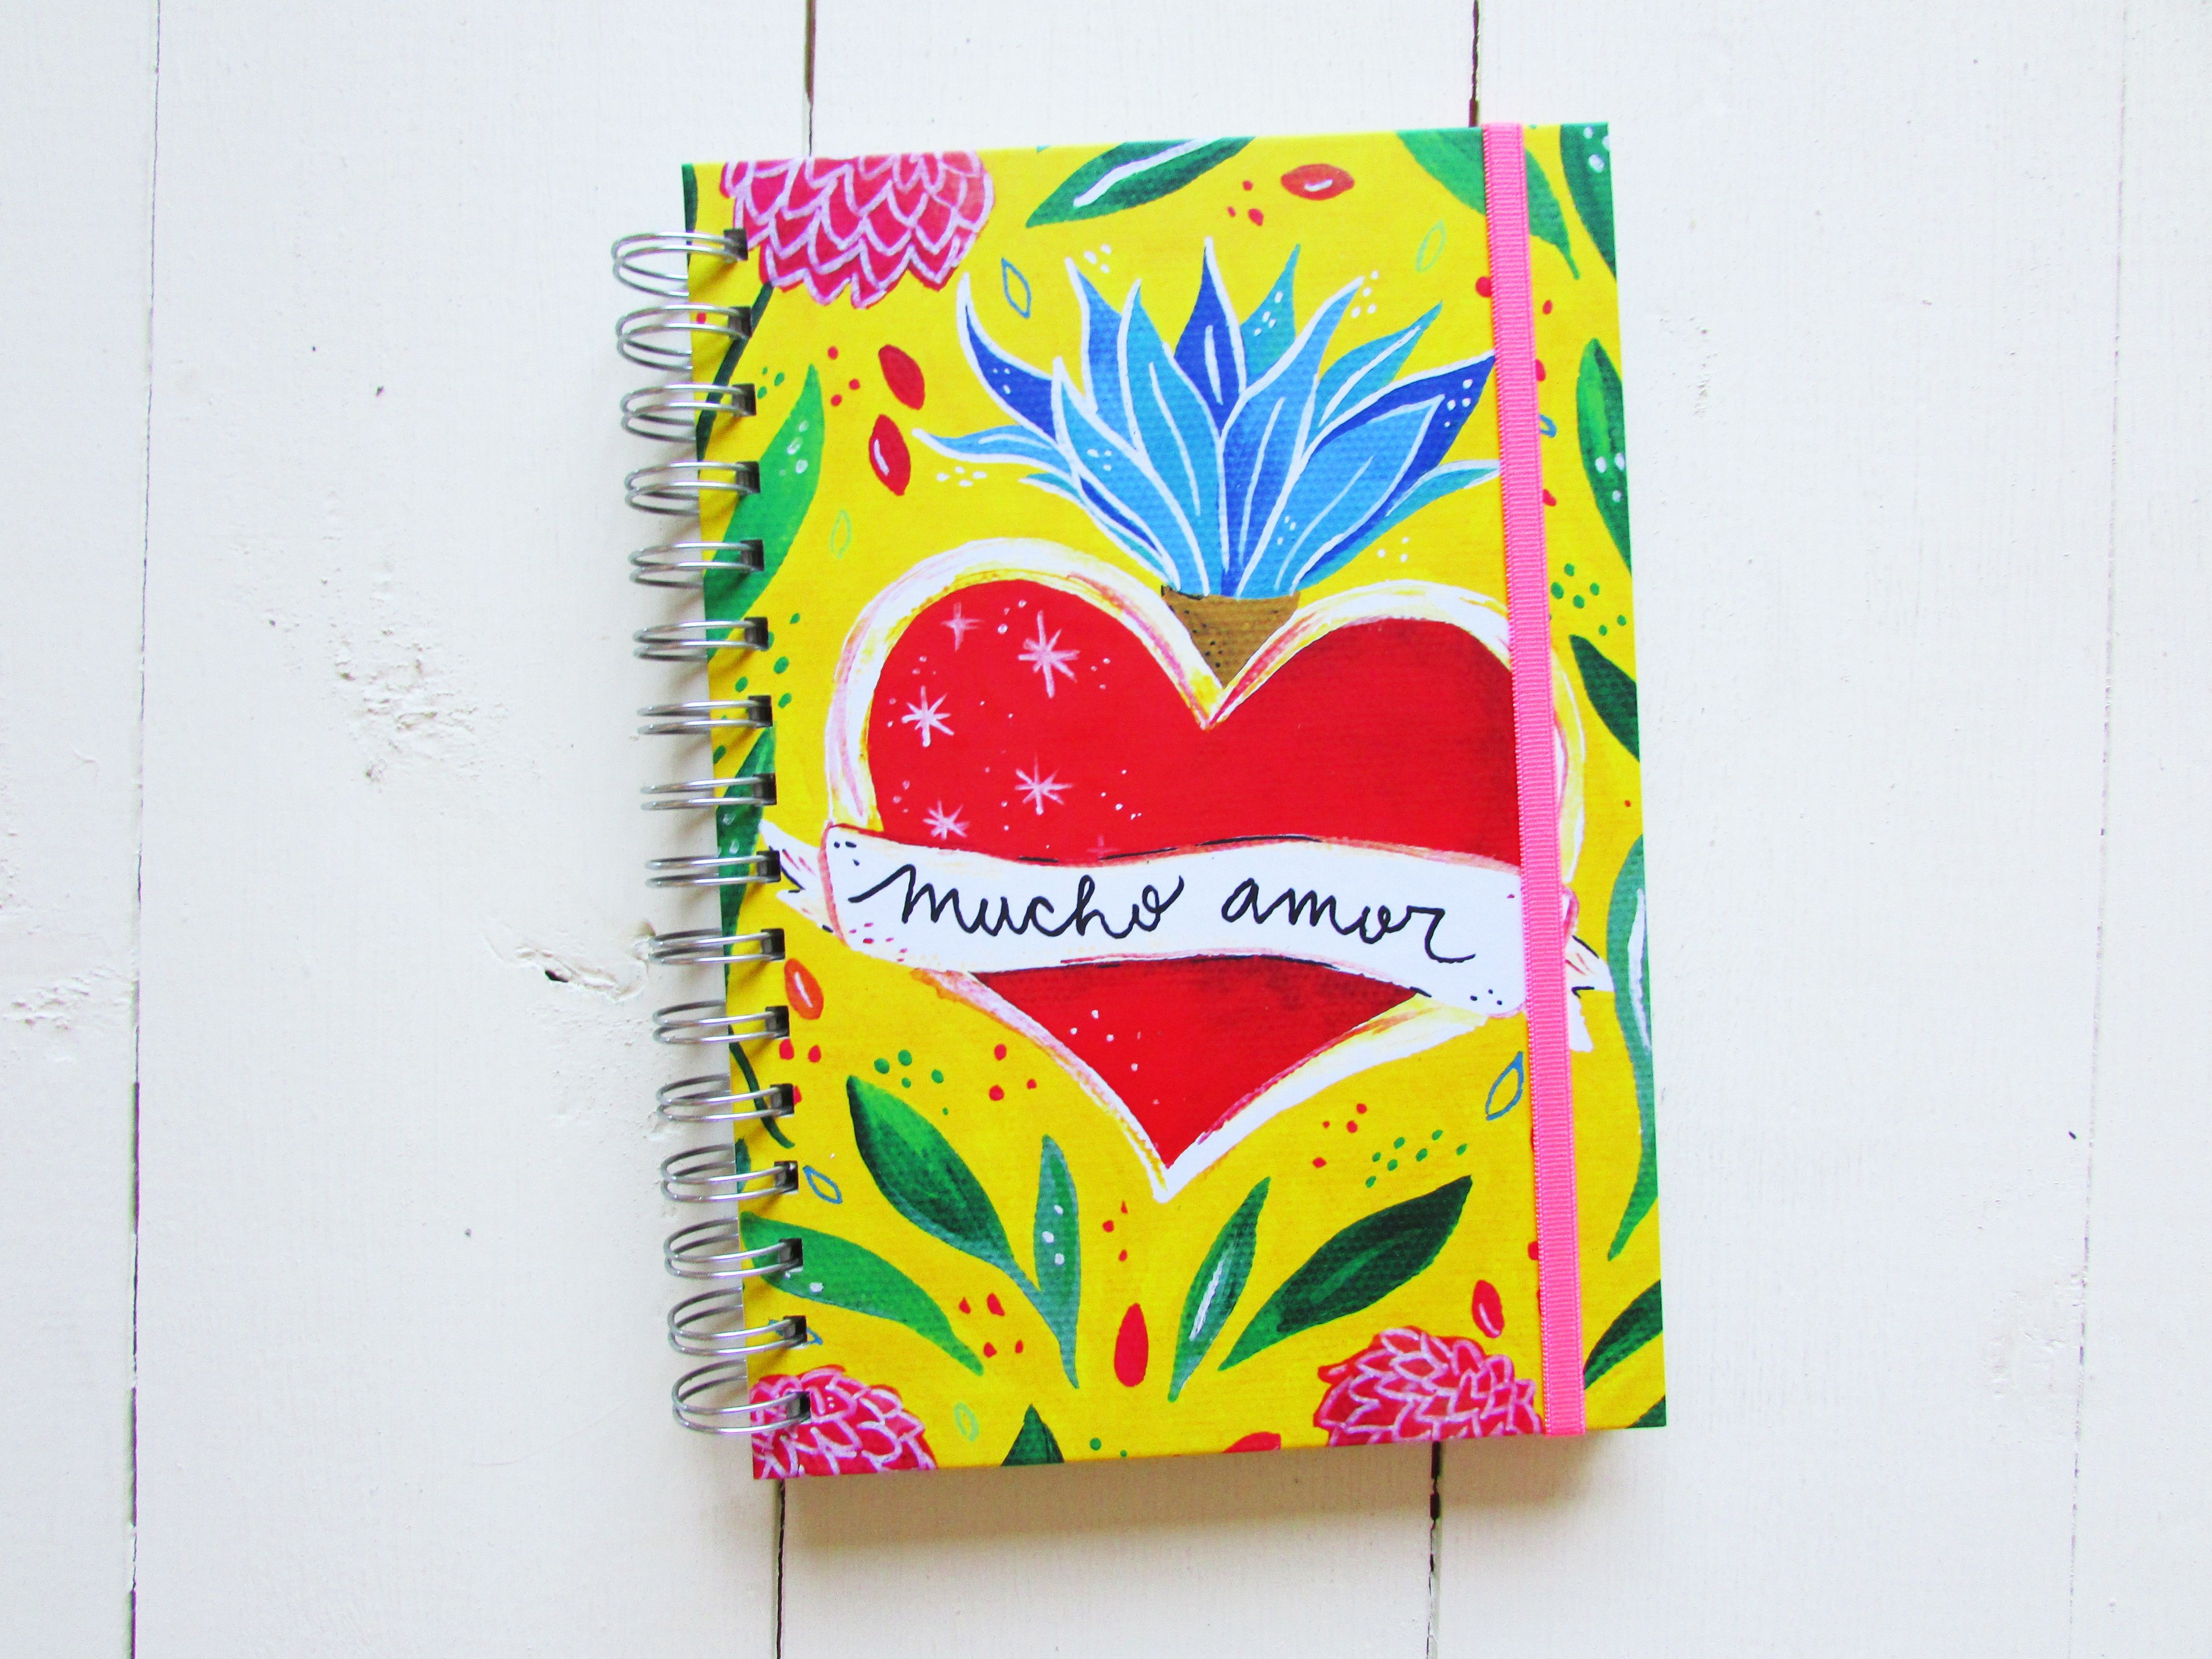 """Cuaderno ecol³gico de dise±o por Chabela Modelo """"Mucho amor"""" con coraz³n mexicano"""